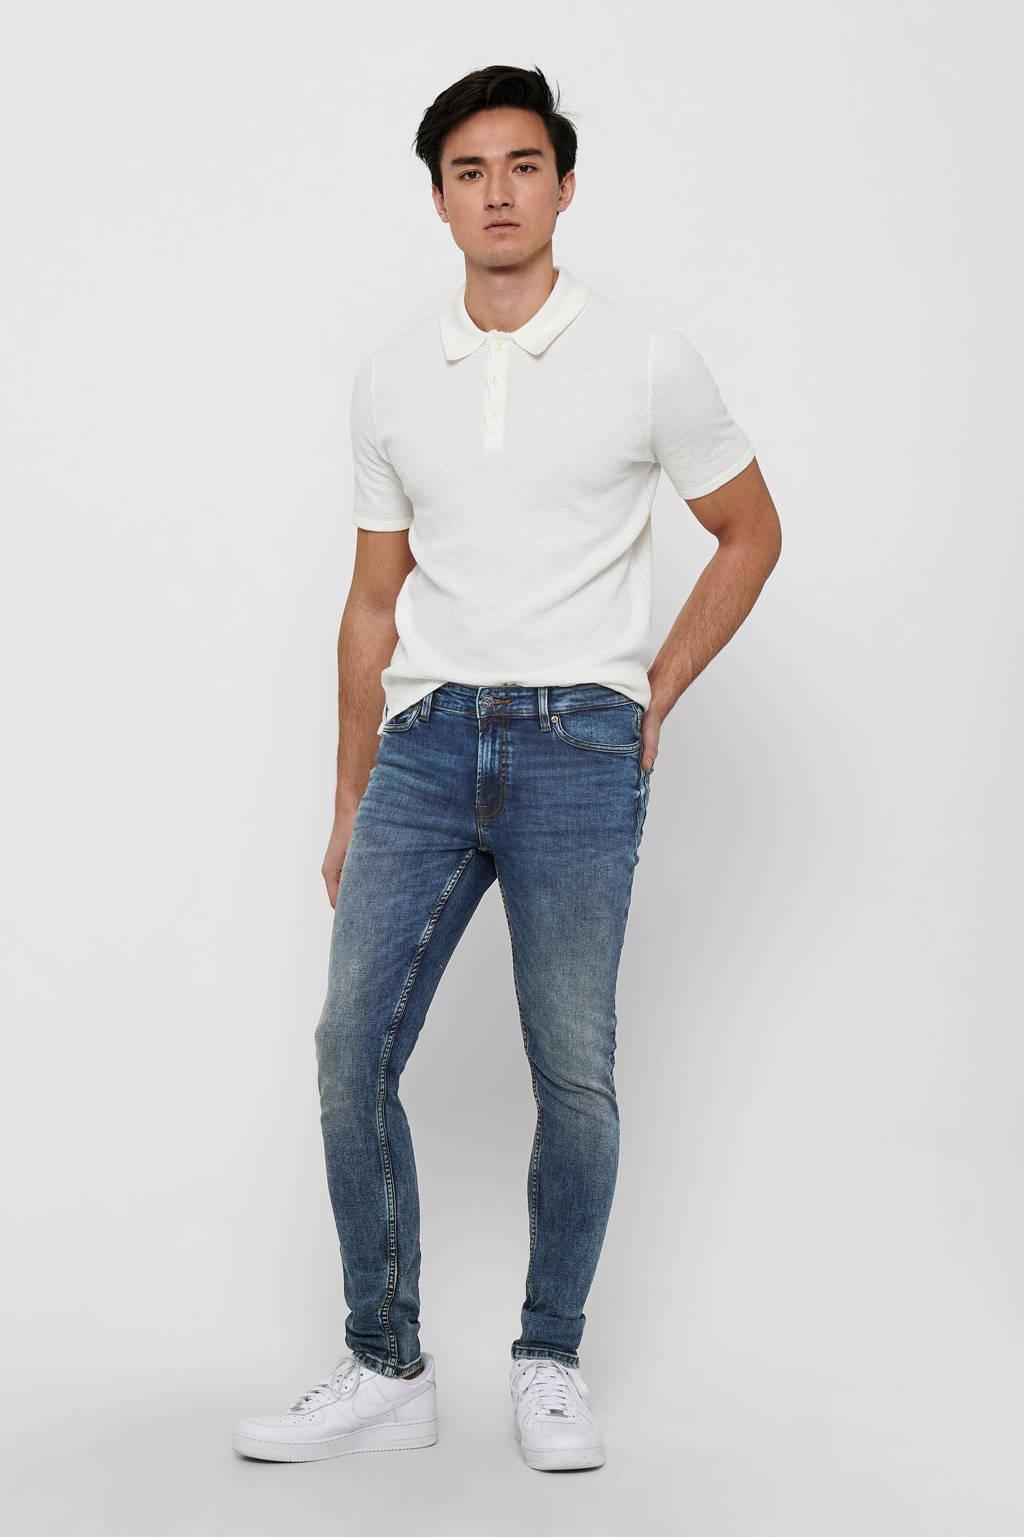 ONLY & SONS slim fit jeans Loom blue denim 8609, Blue Denim 8609